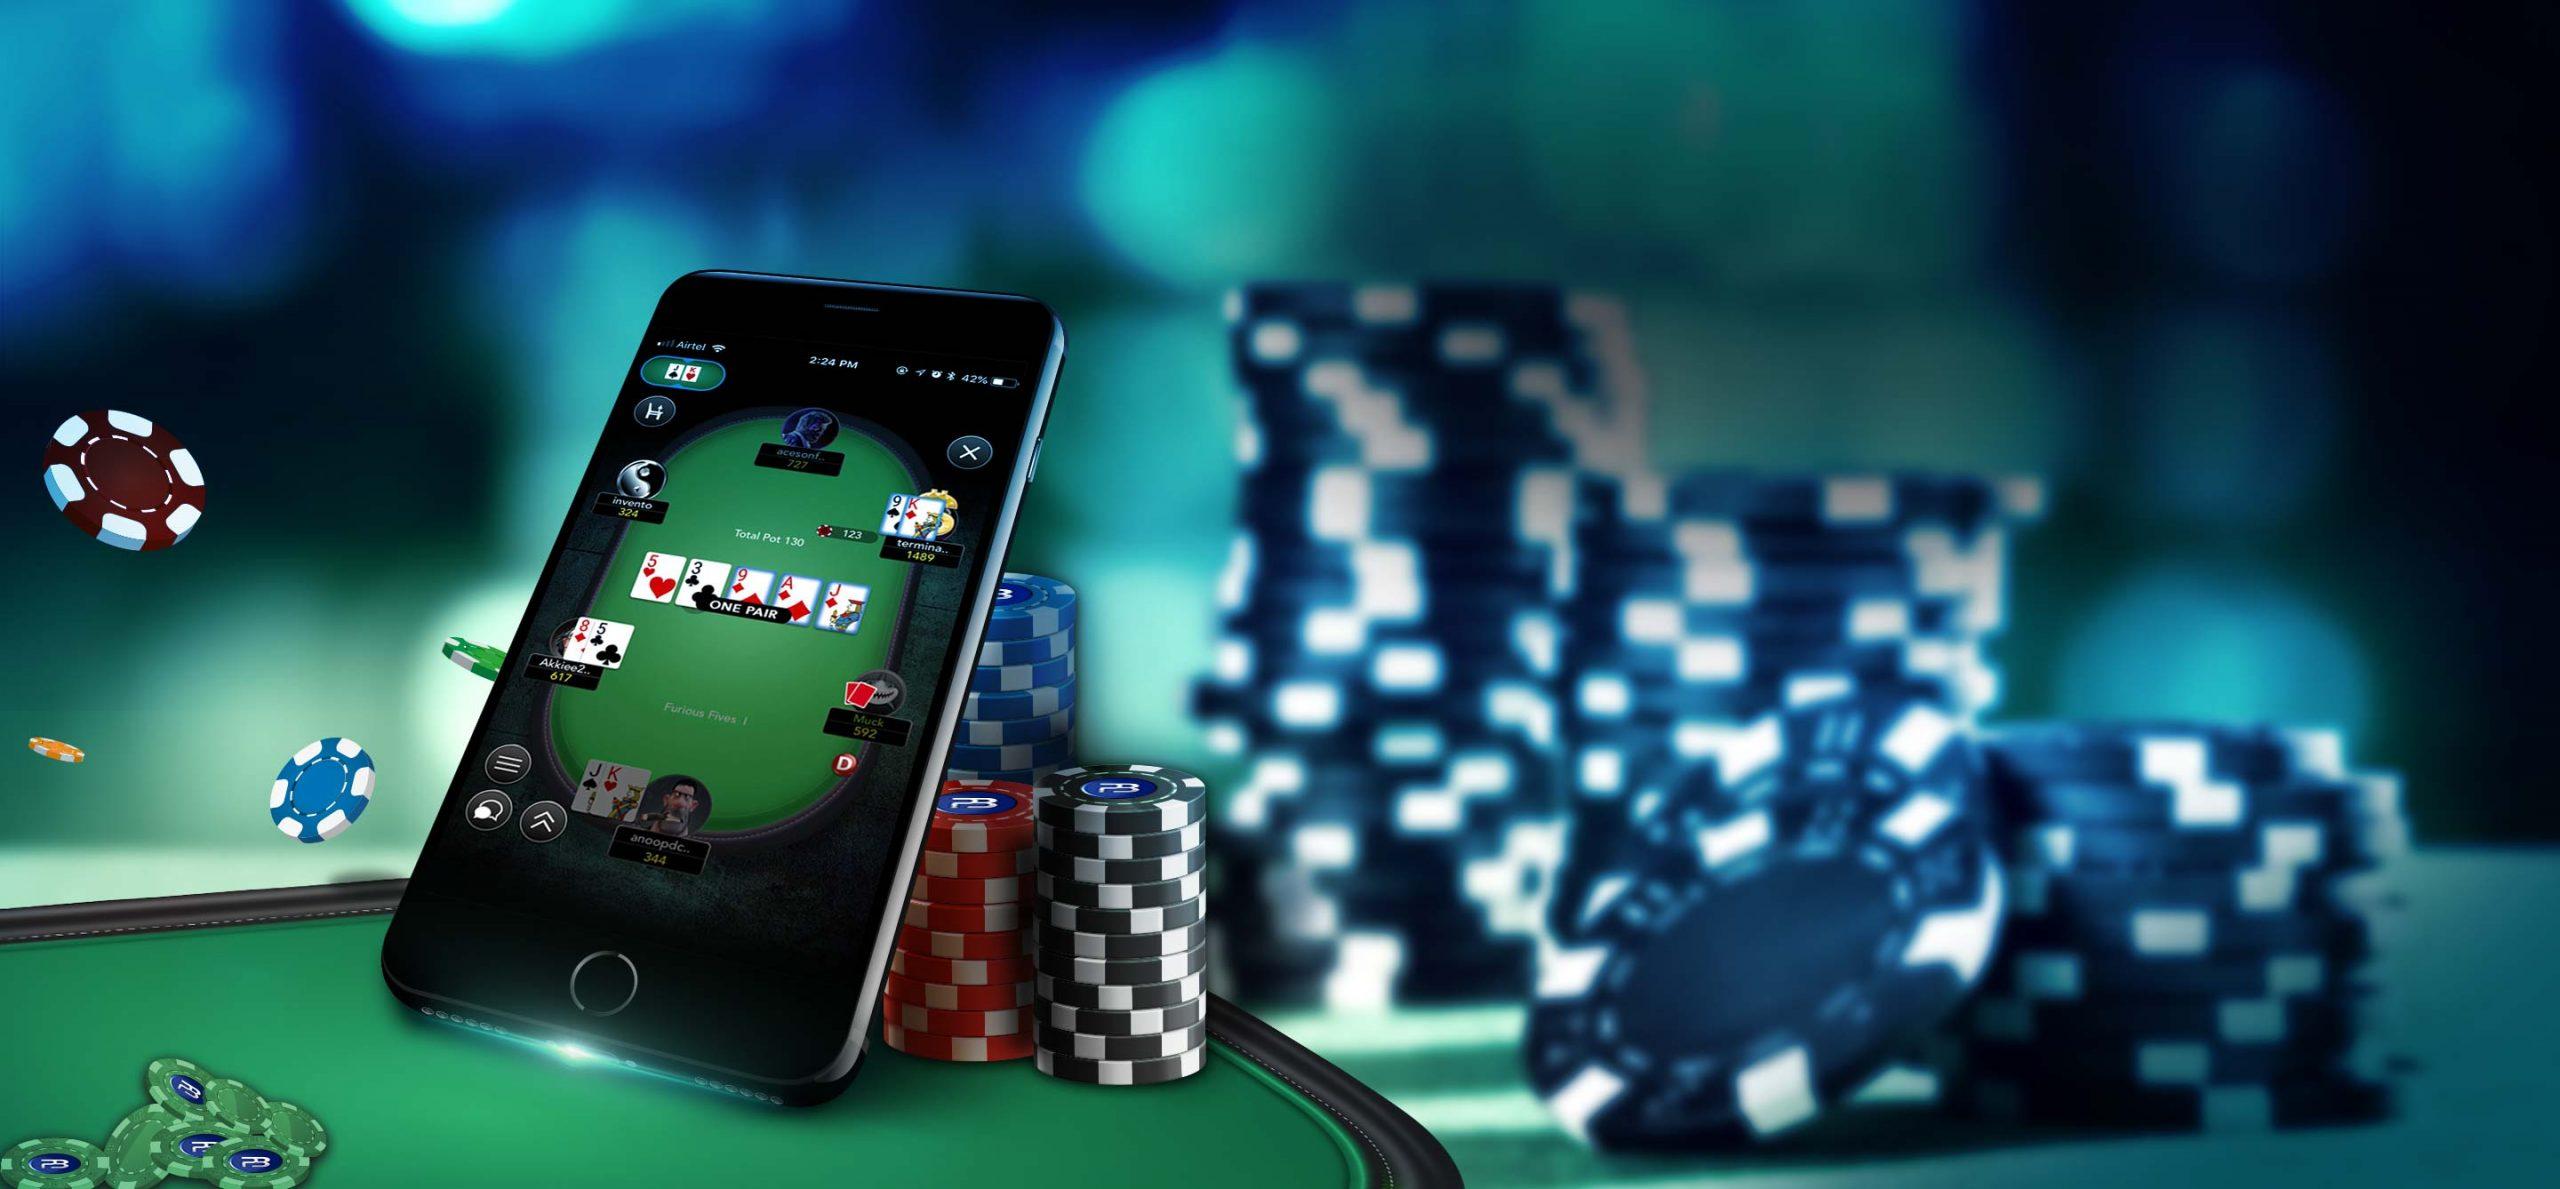 Ini adalah cara mudah untuk mengunduh poker online Android